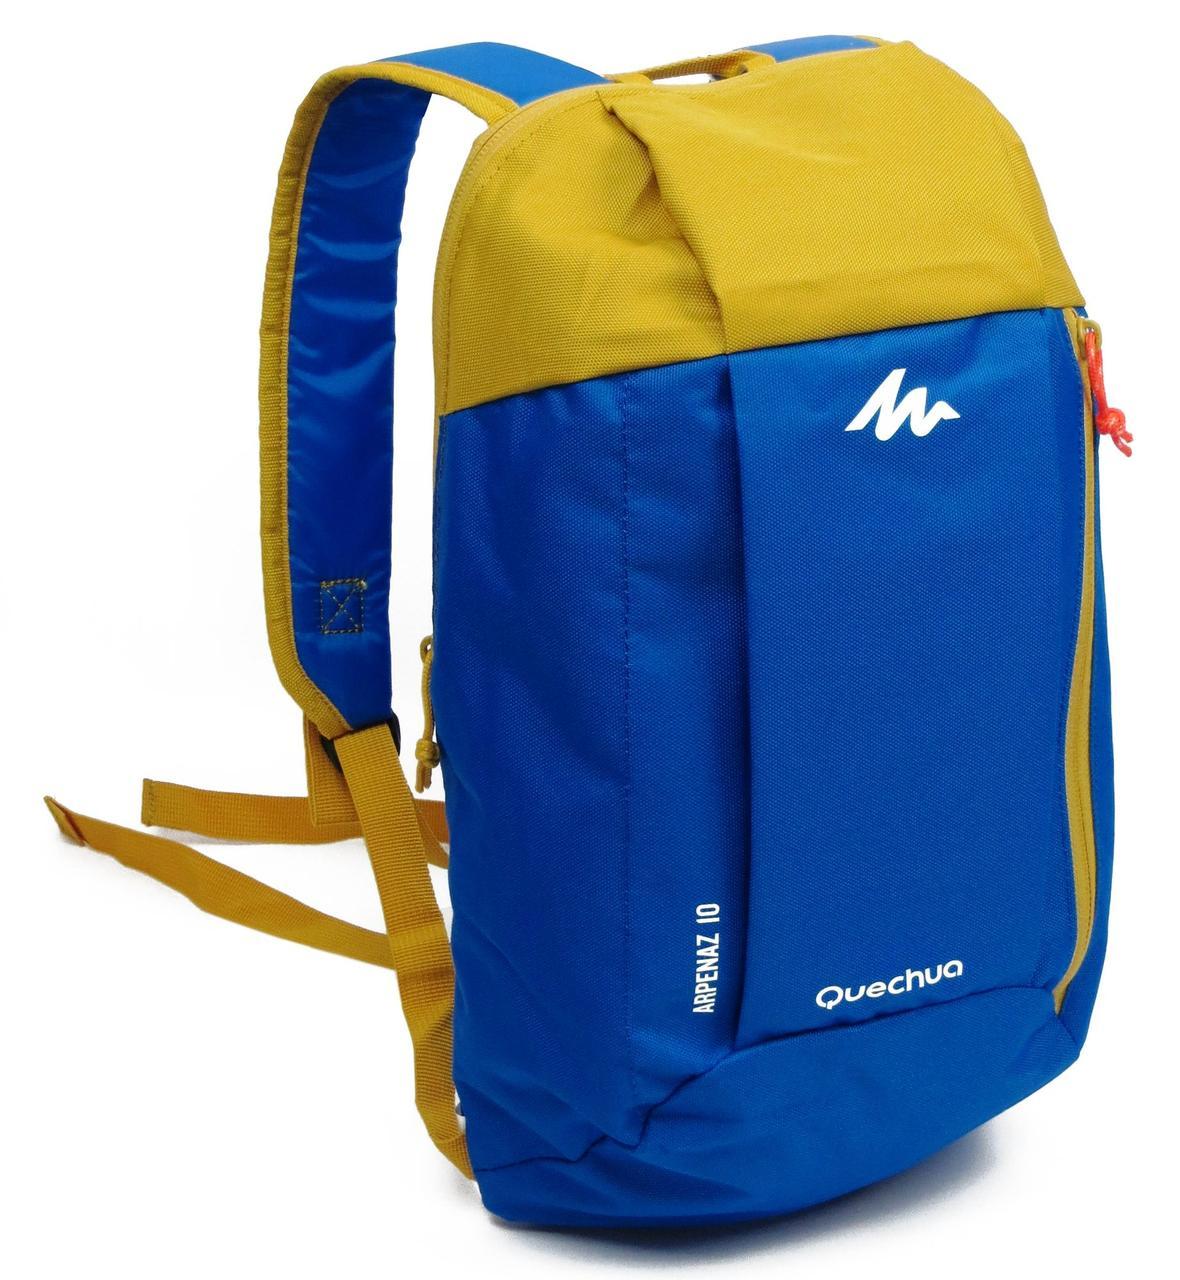 Городской рюкзак Quechua 10л. синий с желтым (рюкзак для спорта, спорт